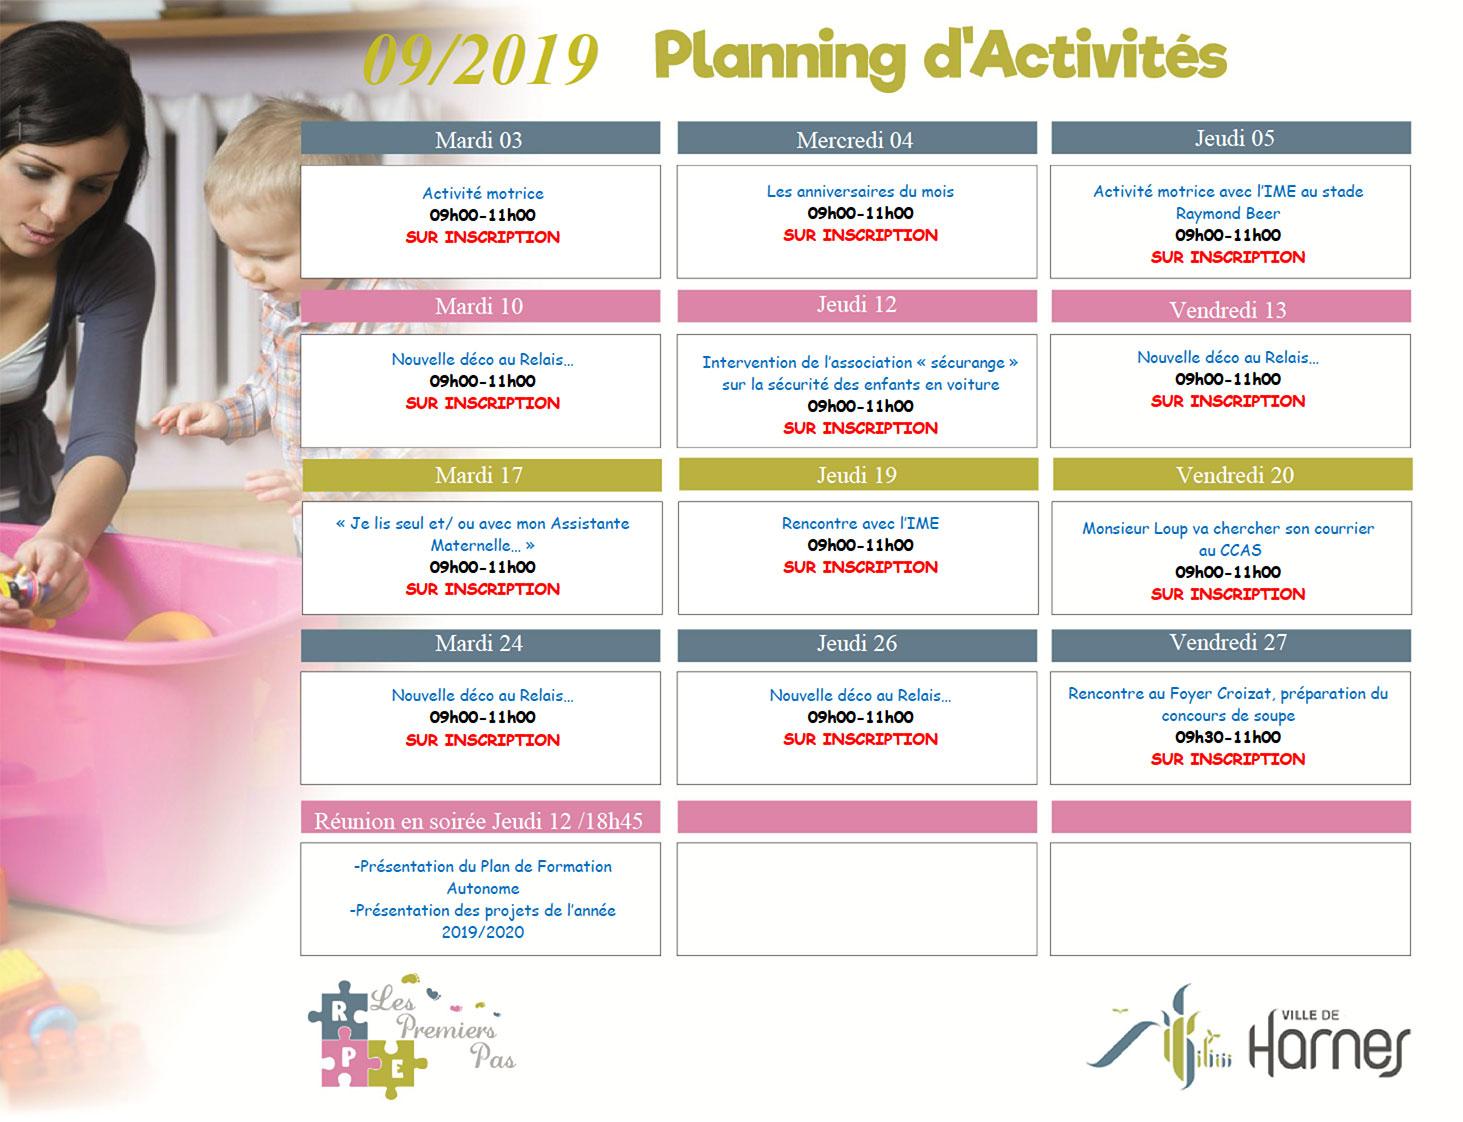 Planning d'activités mensuelles